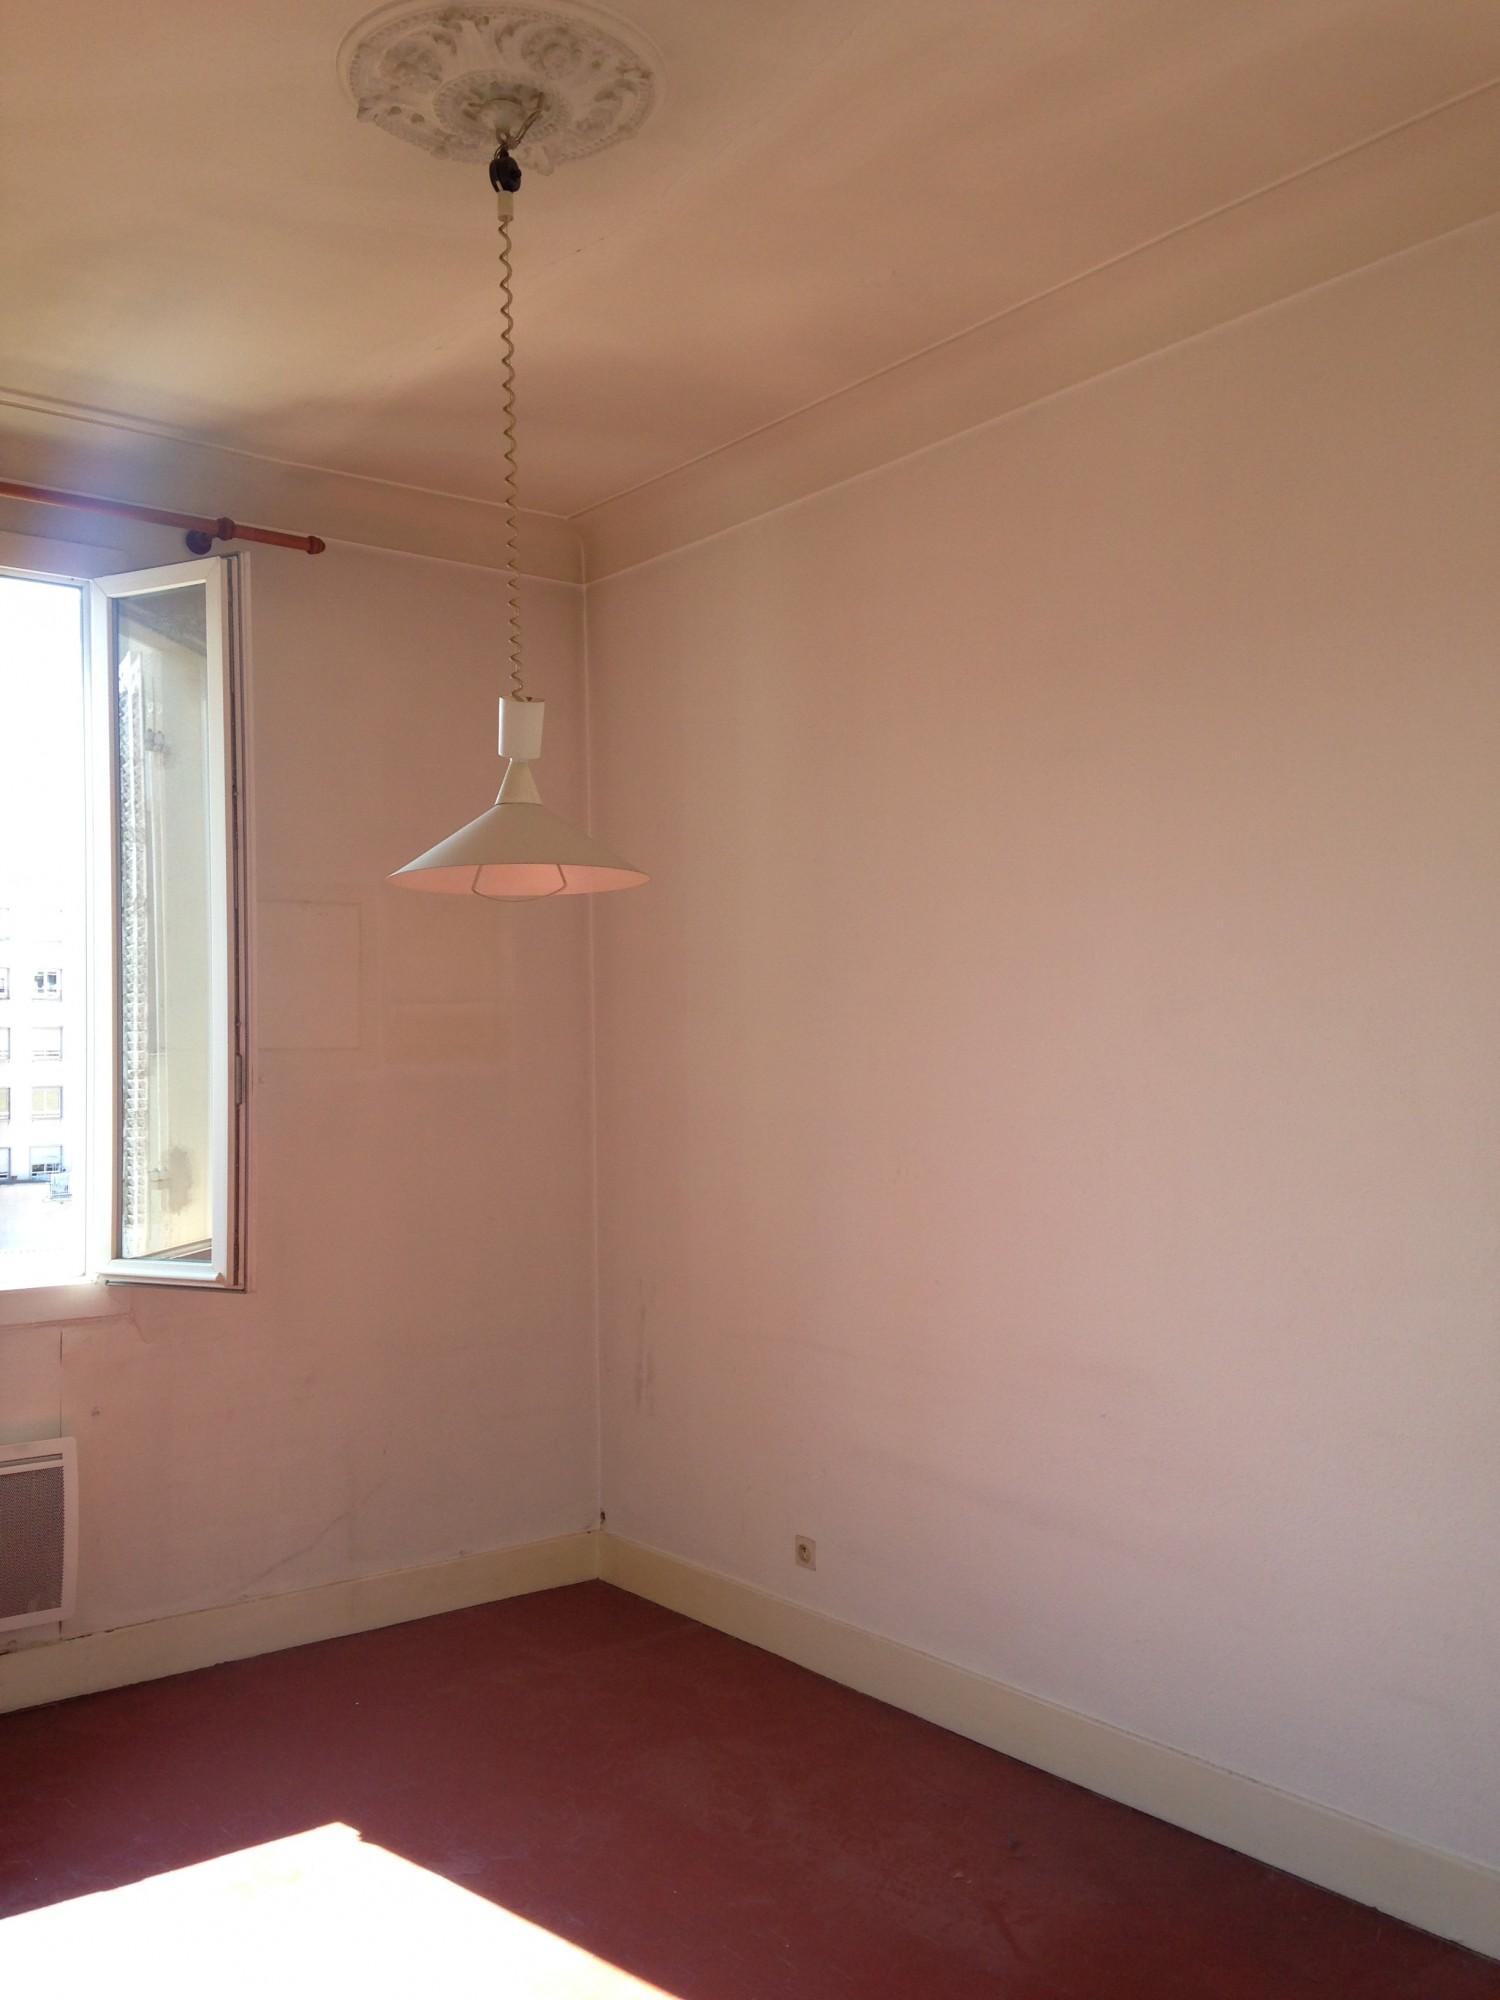 Vente Appartement T2 -13007 - Quartier St Victor, avenue de la Corse  - Balcon, cuisine séparée, dressing, vue dégagée ....